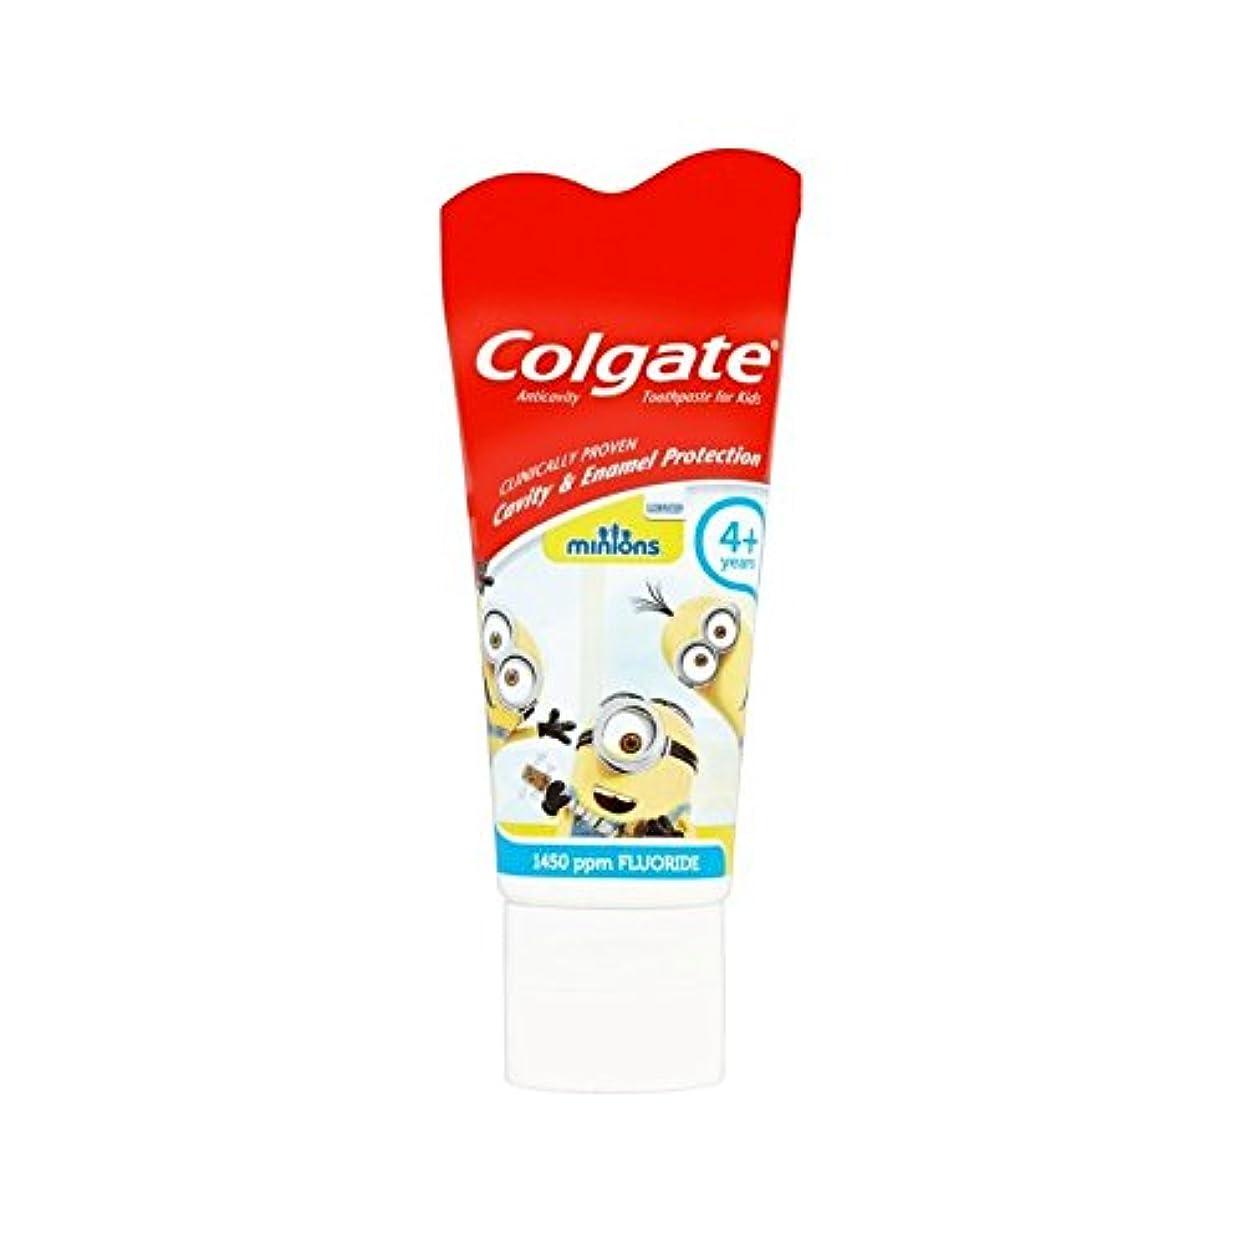 もつれ自発的熱帯の手下の子供4+歯磨き粉50ミリリットル (Colgate) (x 4) - Colgate Minions Kids 4+ Toothpaste 50ml (Pack of 4) [並行輸入品]